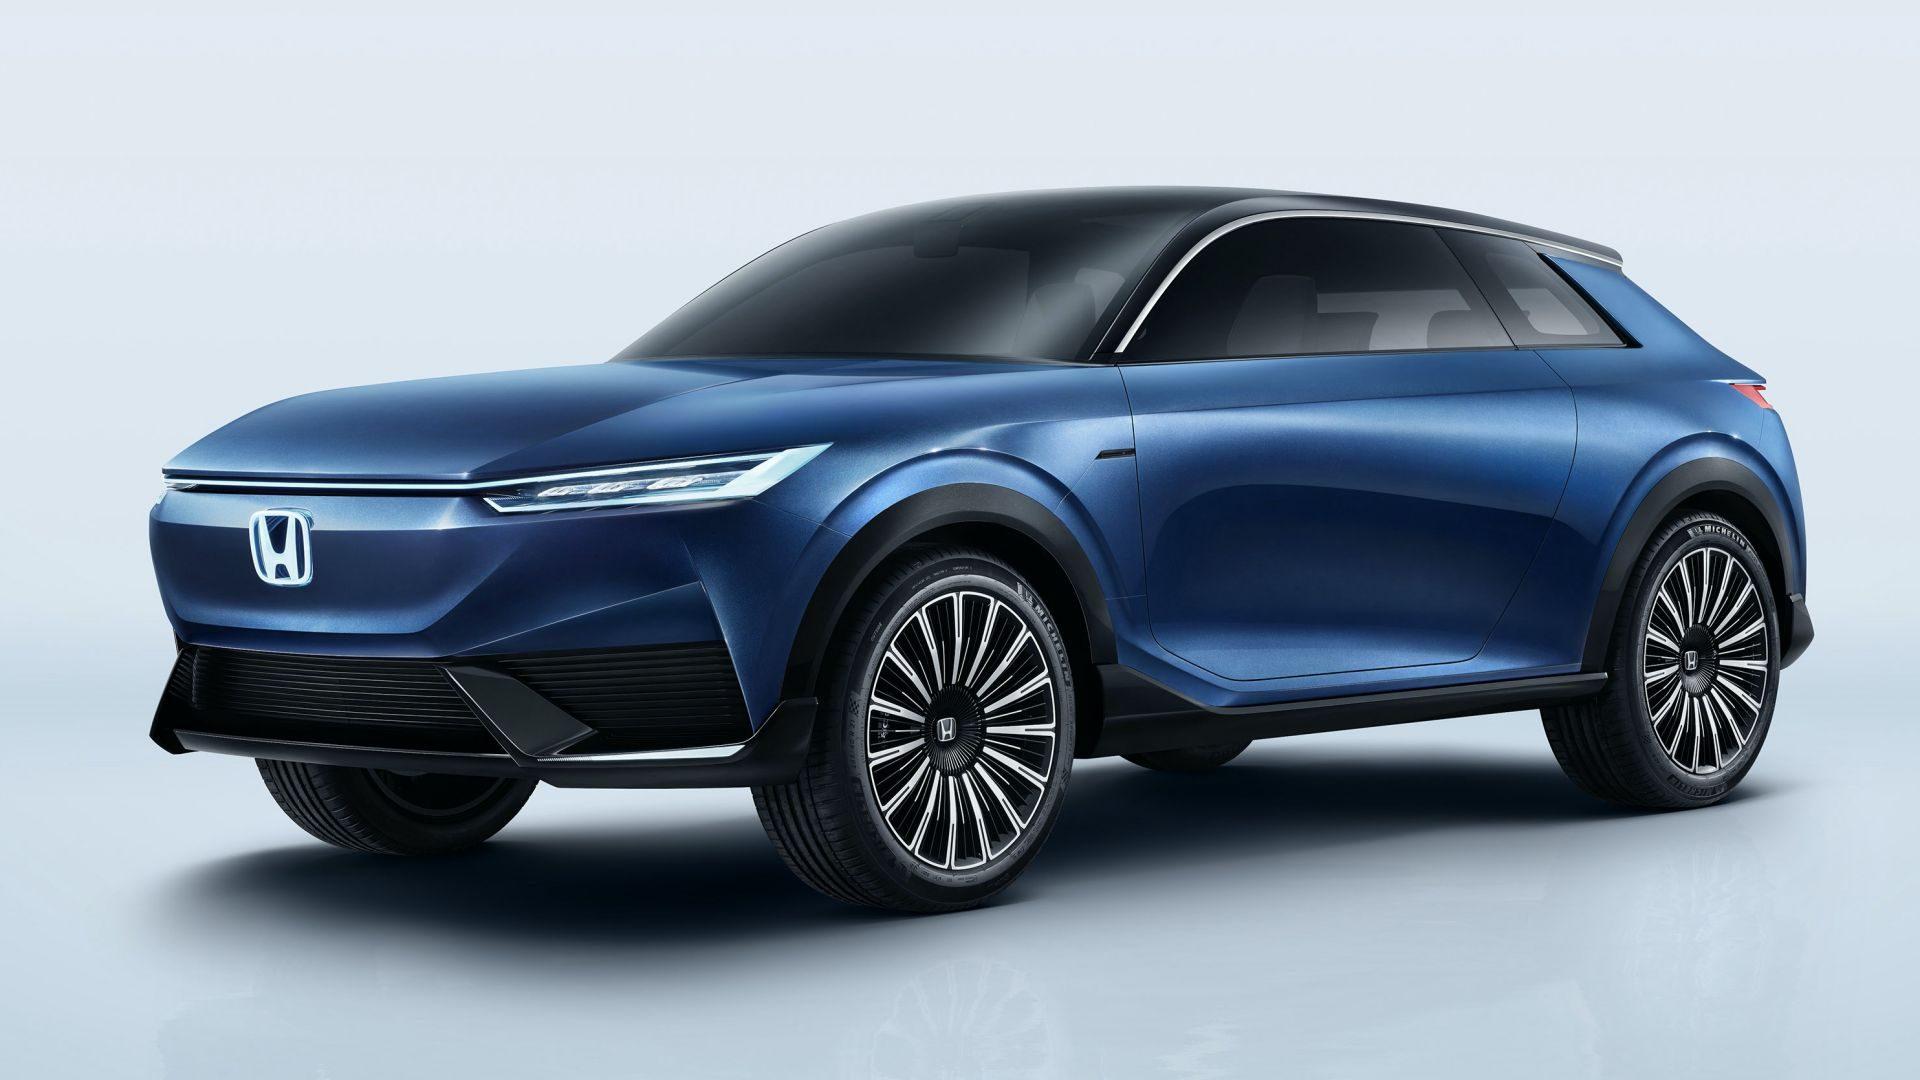 2020-Honda-SUV-e-concept-01